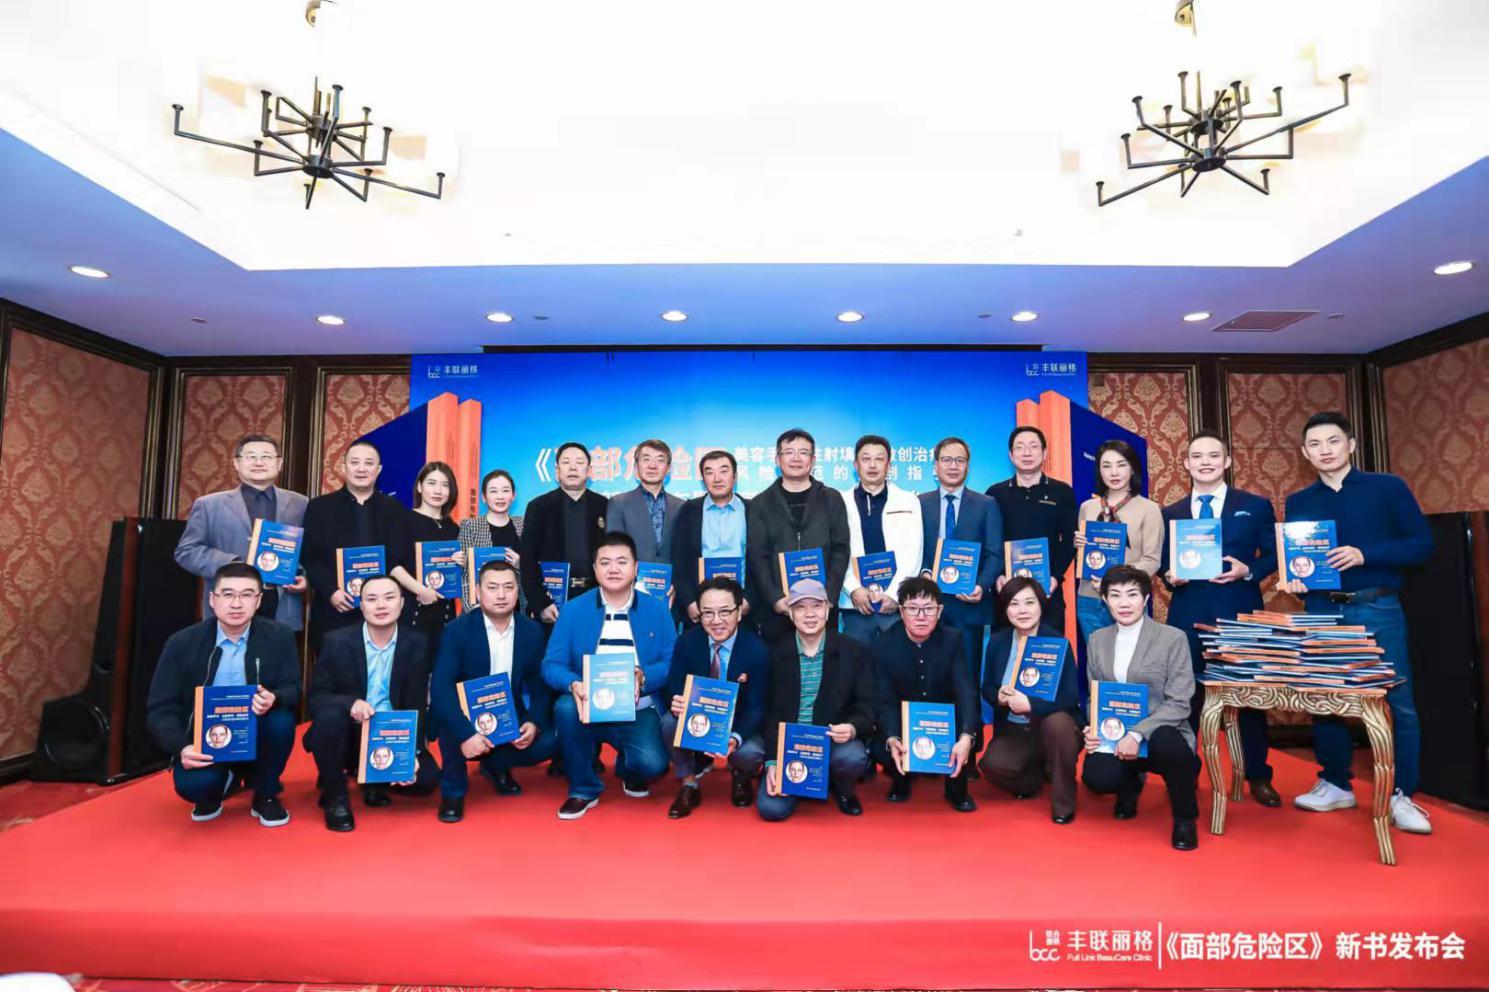 医美教科书《面部危险区》译著新书签售会在北京举办